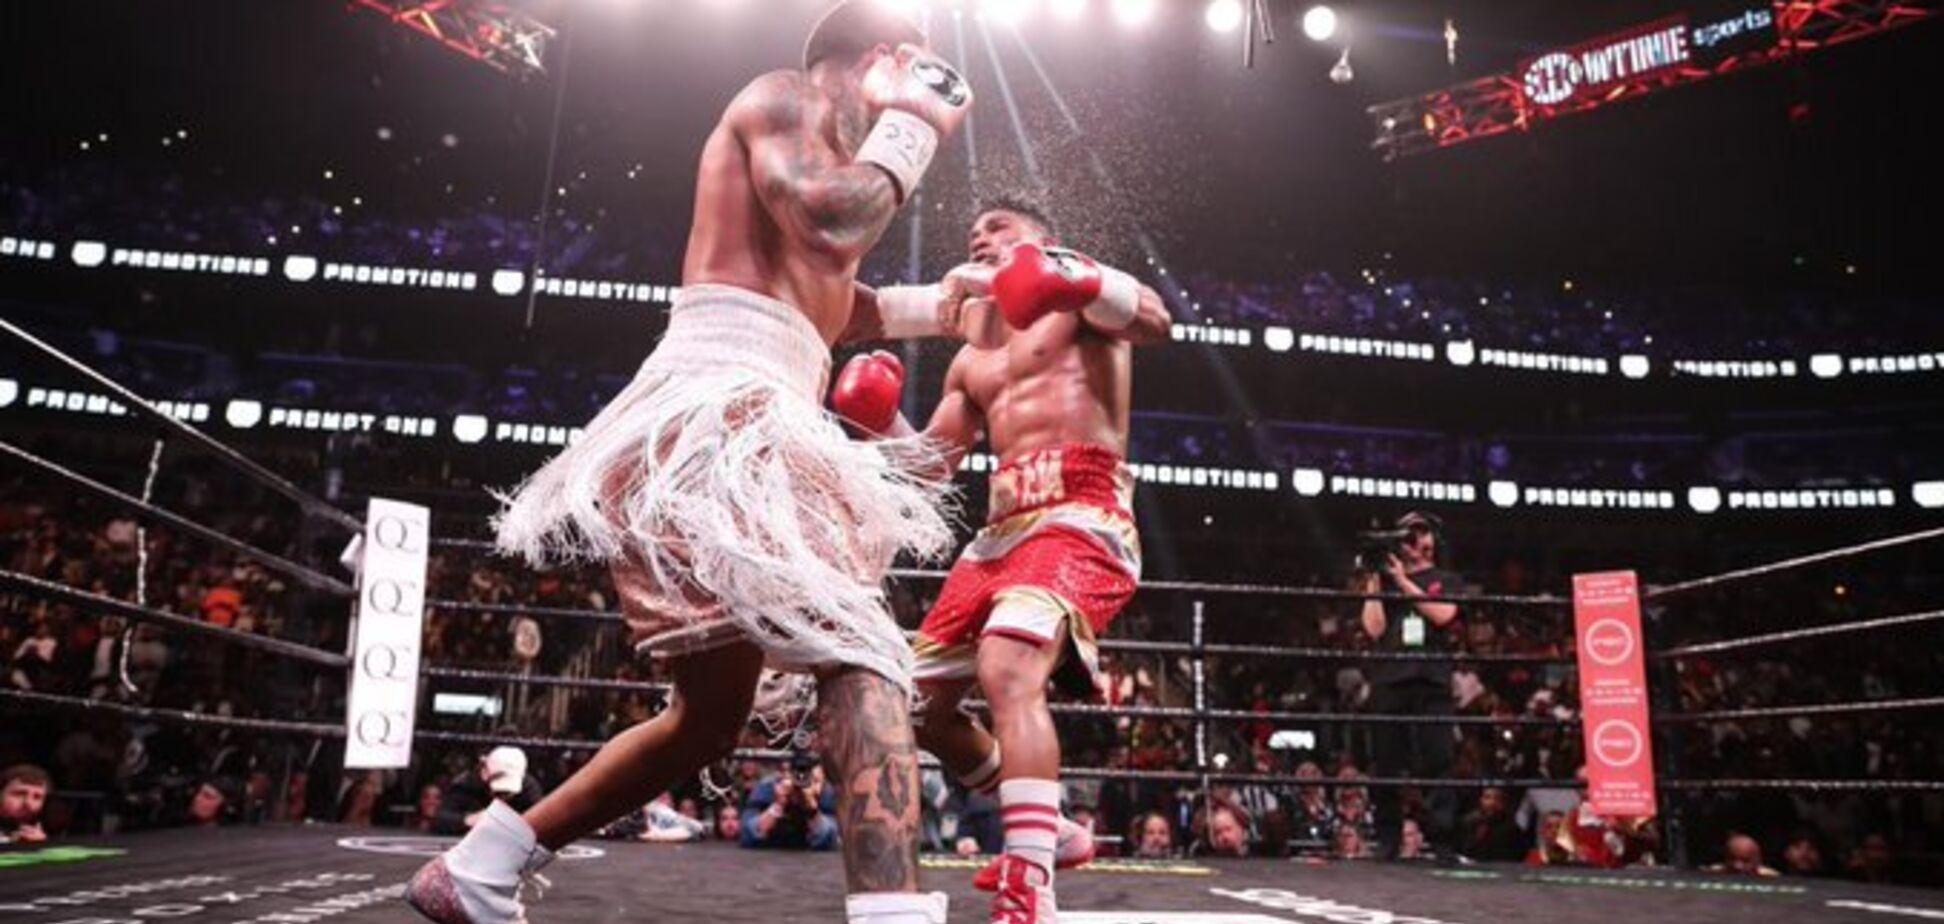 Боксер, який обіцяв убити Ломаченка, виграв бій нокаутом на останніх секундах